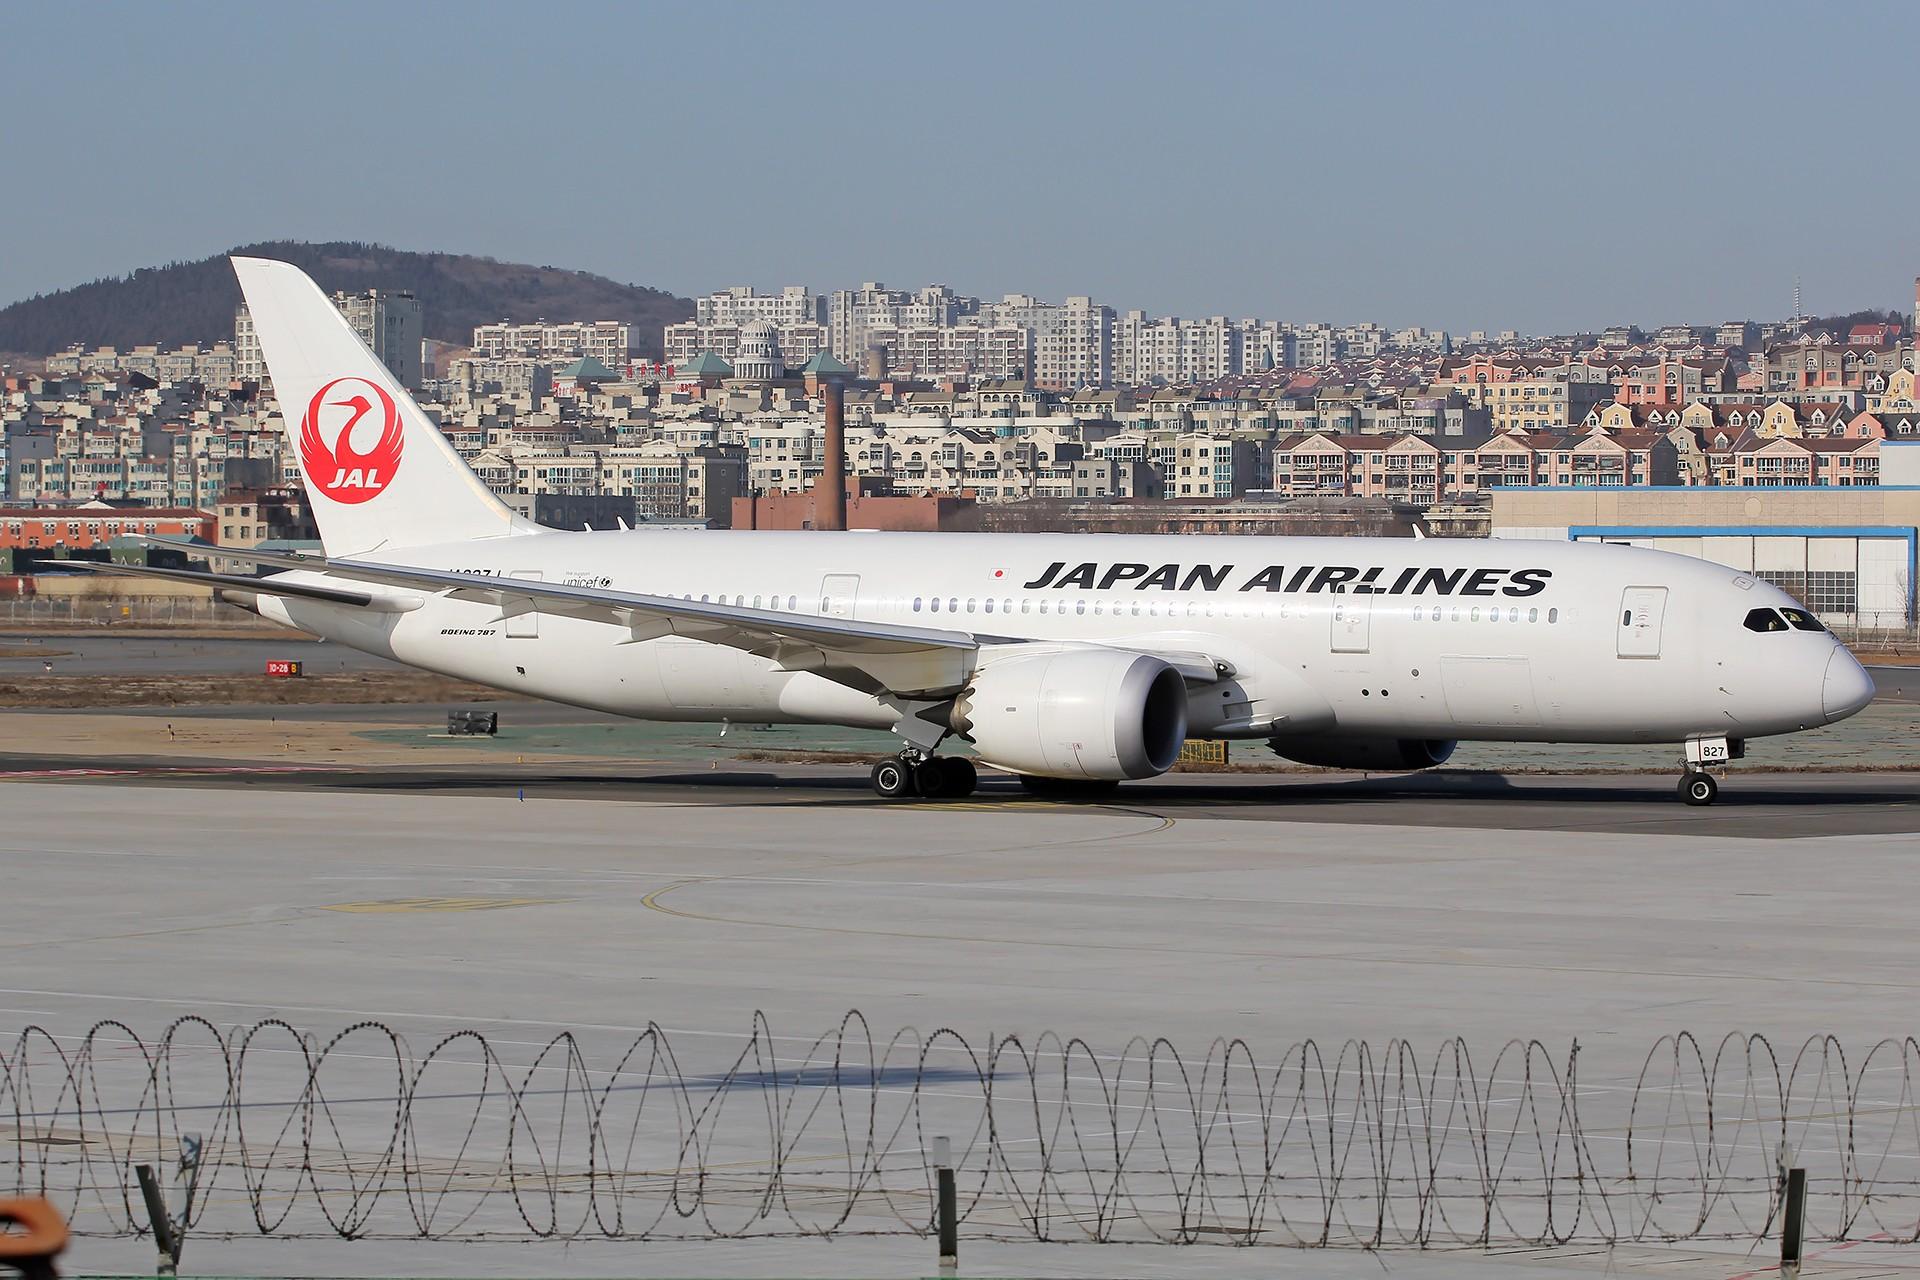 Re:[原创][DLC]。。。省略号吧,无标题。。。 BOEING 787-8 JA827J 中国大连国际机场